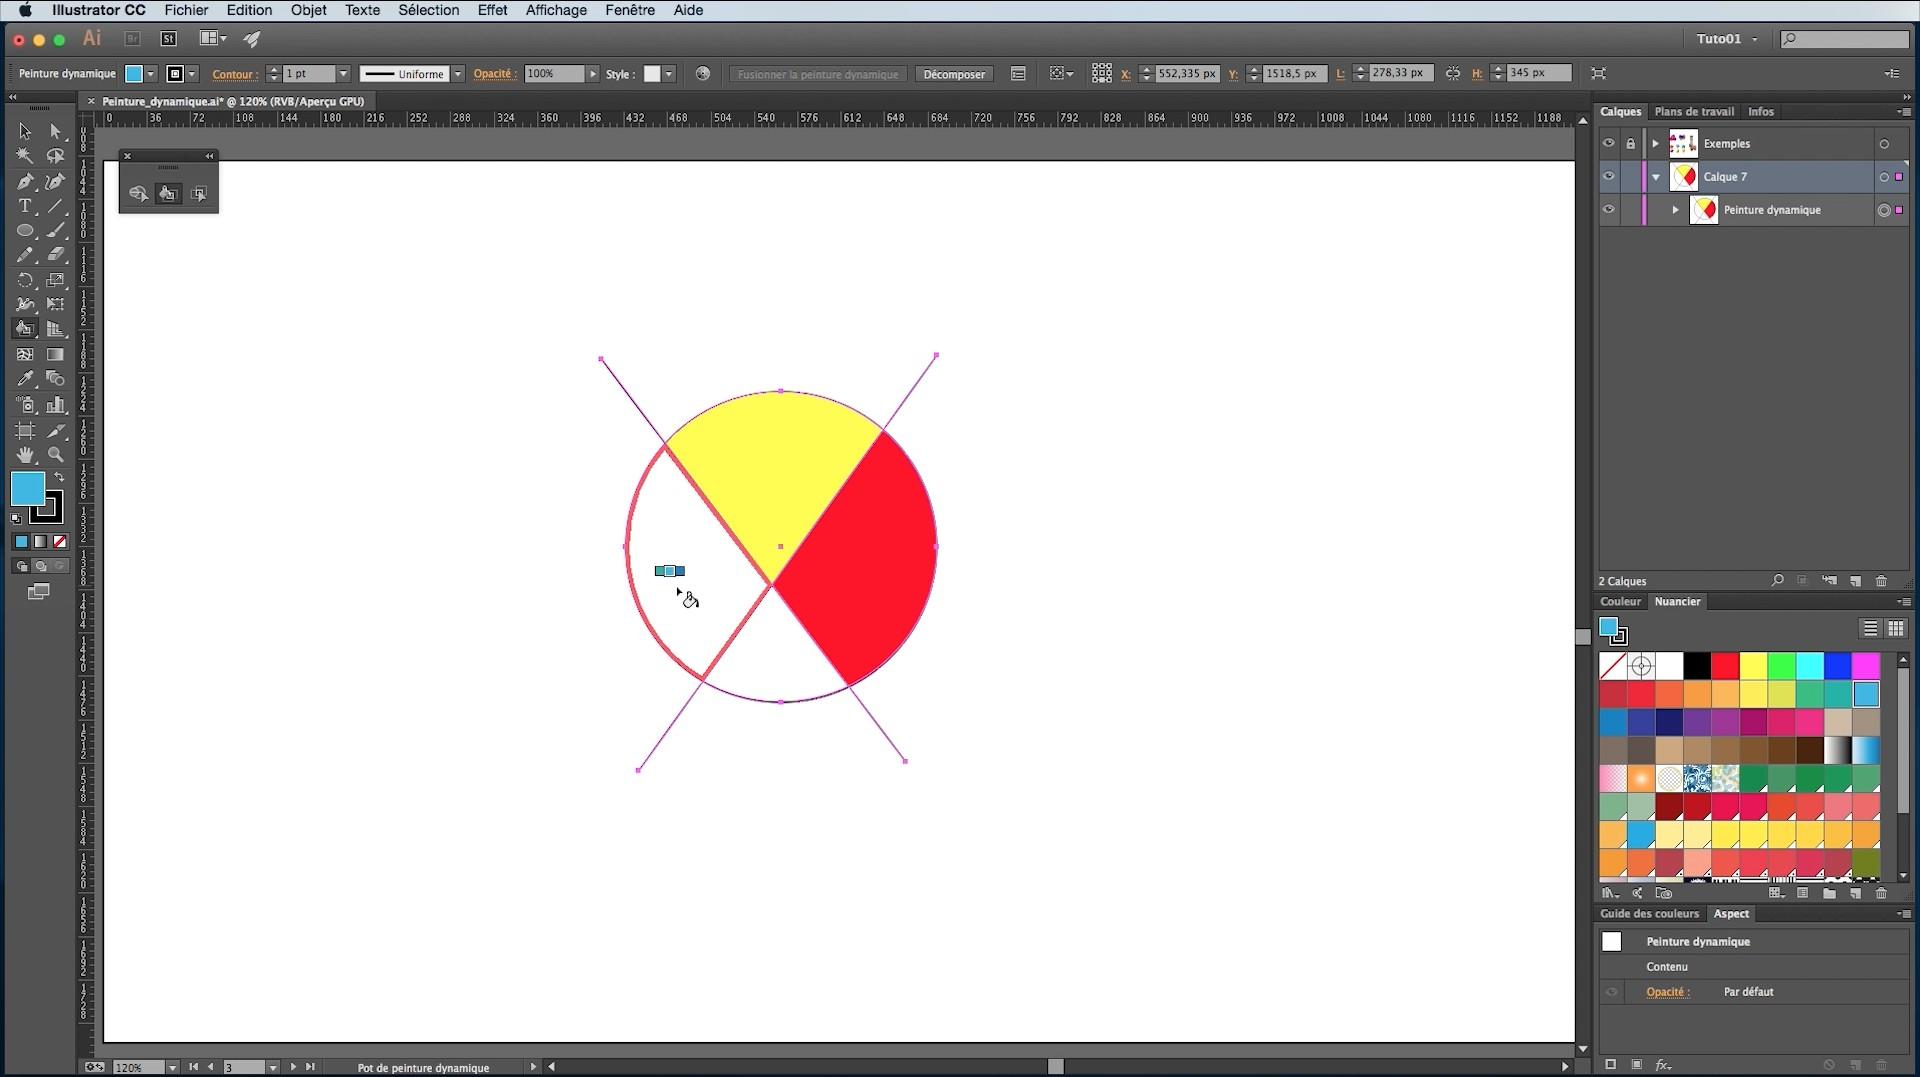 Tuto La Peinture Dynamique Avec Illustrator Avec Illustrator Cc Sur